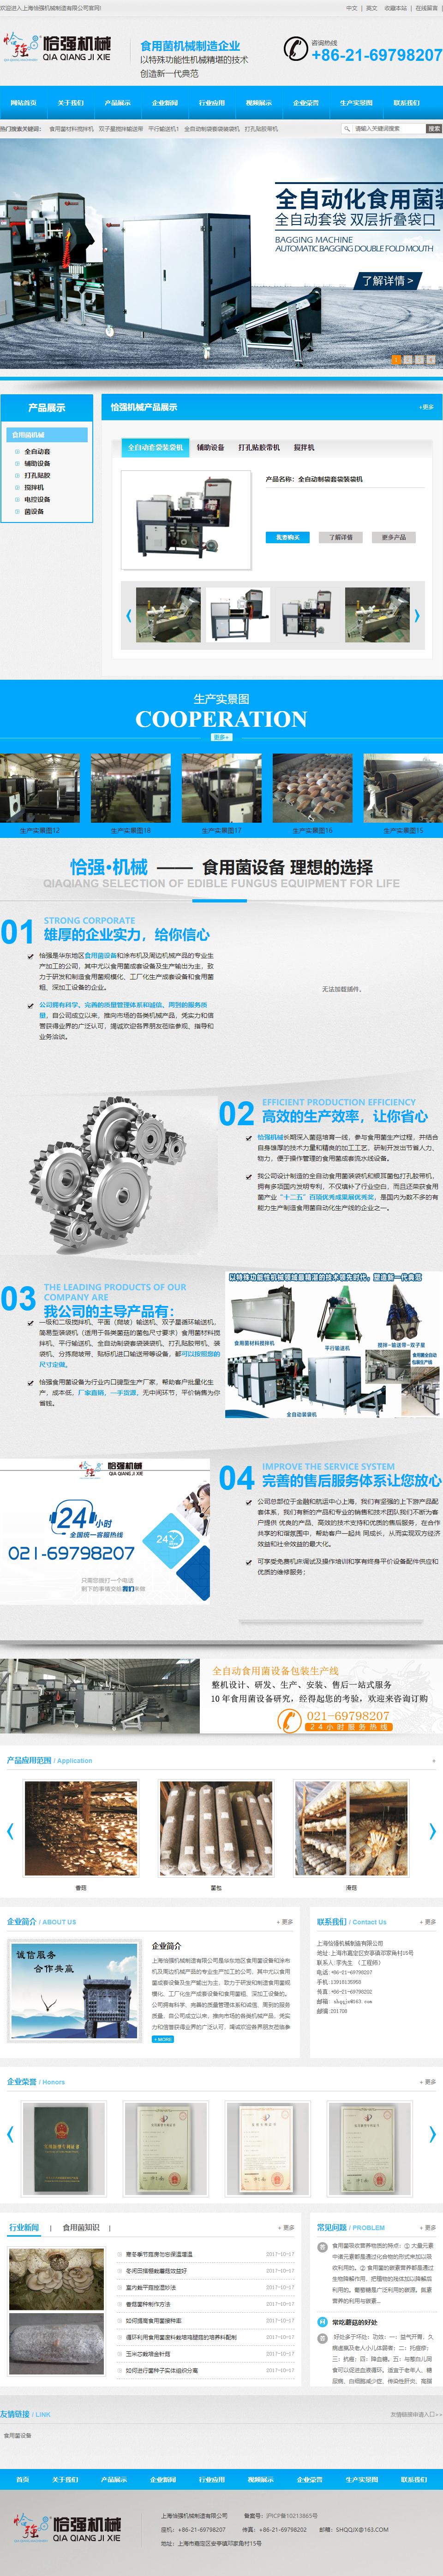 上海恰强机械制造有限公司网站案例